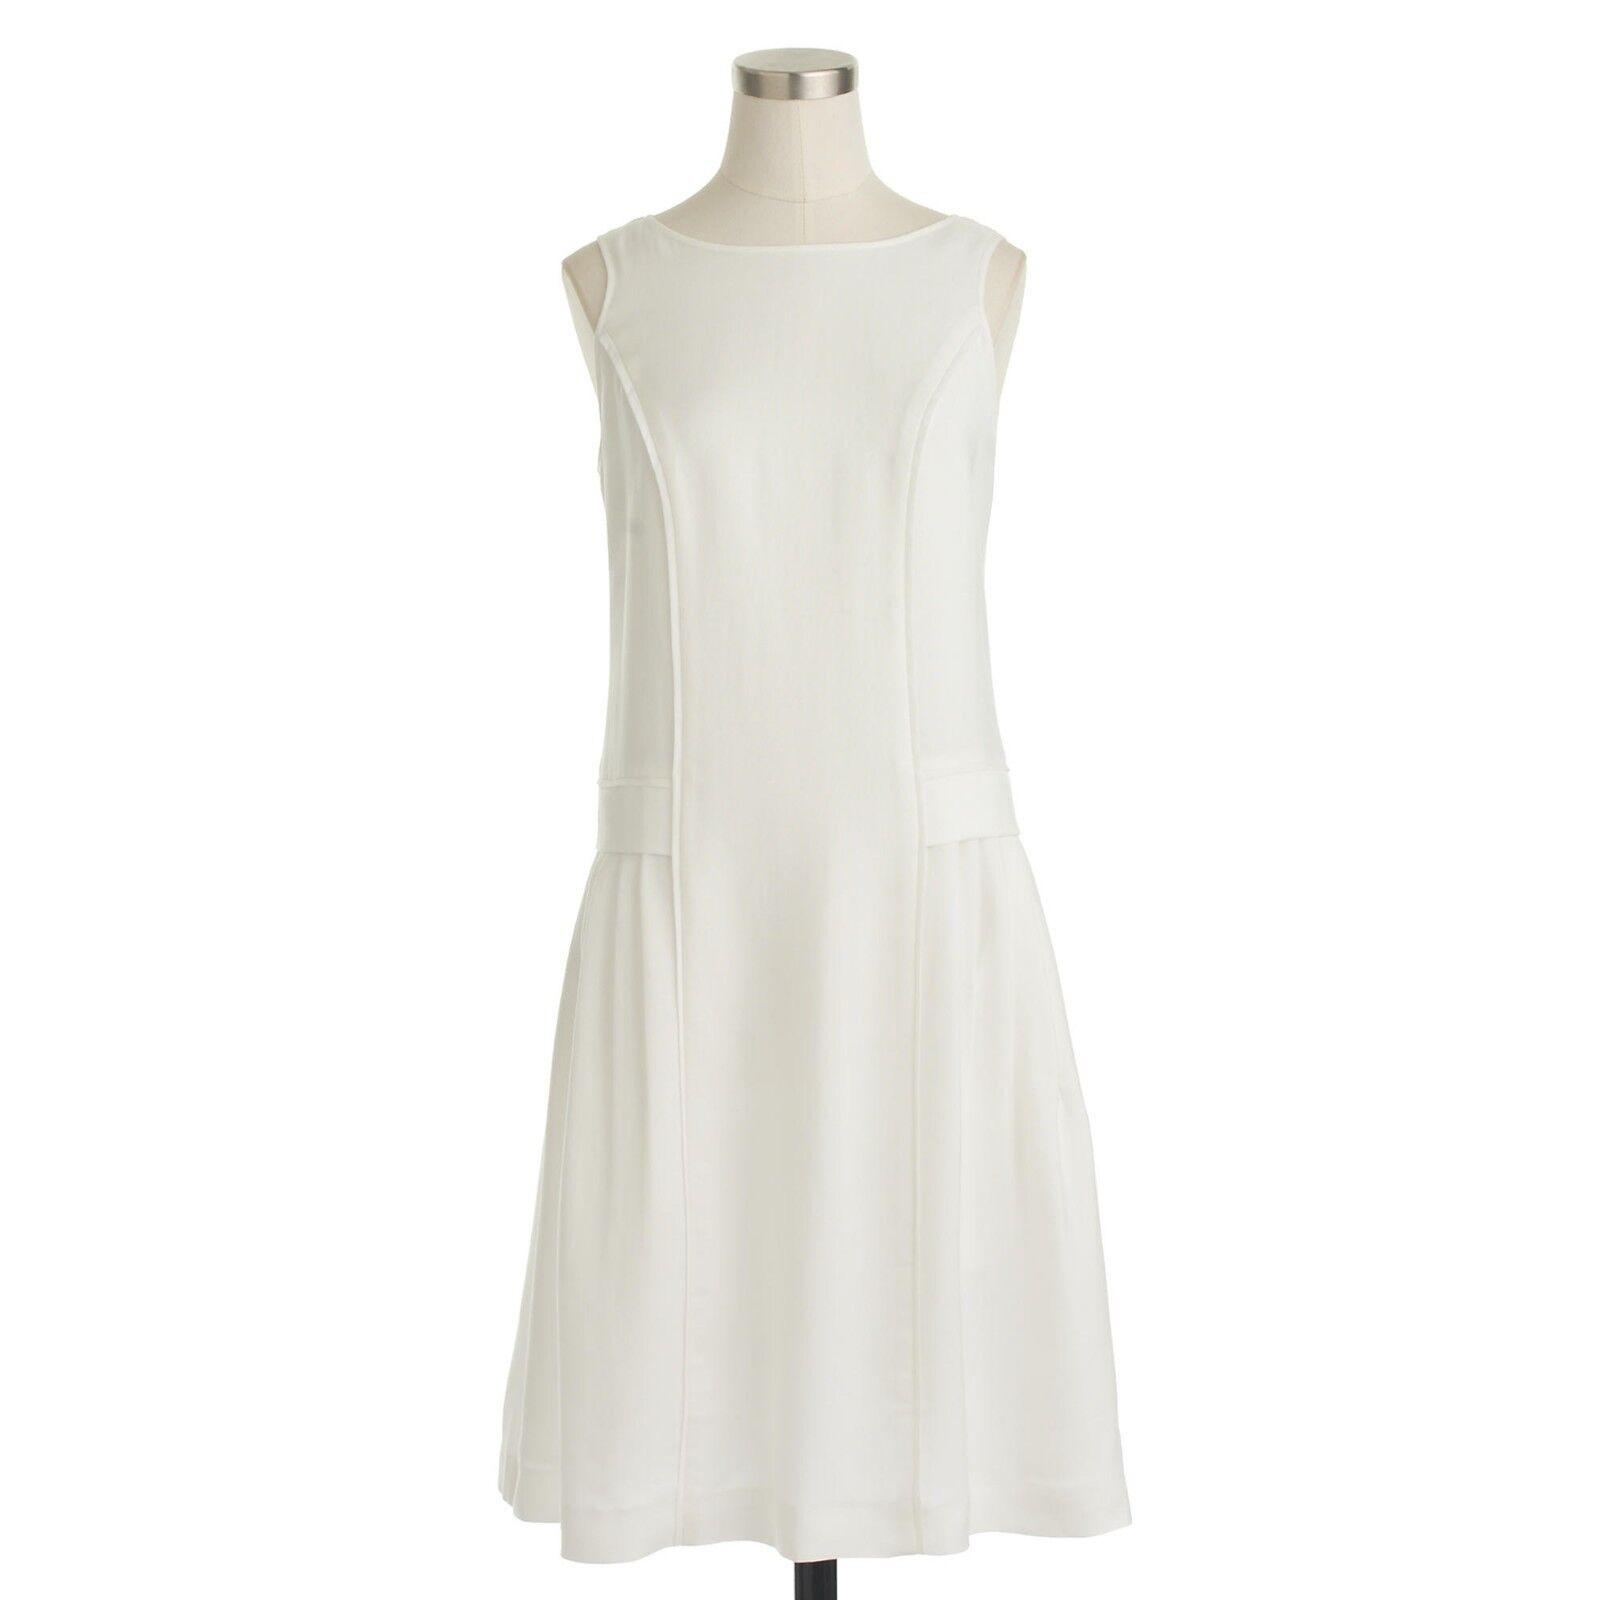 NWT J CREW Weiß DRAPEY OXFORD CREPE SLEEVELESS DRESS Sz 2 Style B8445